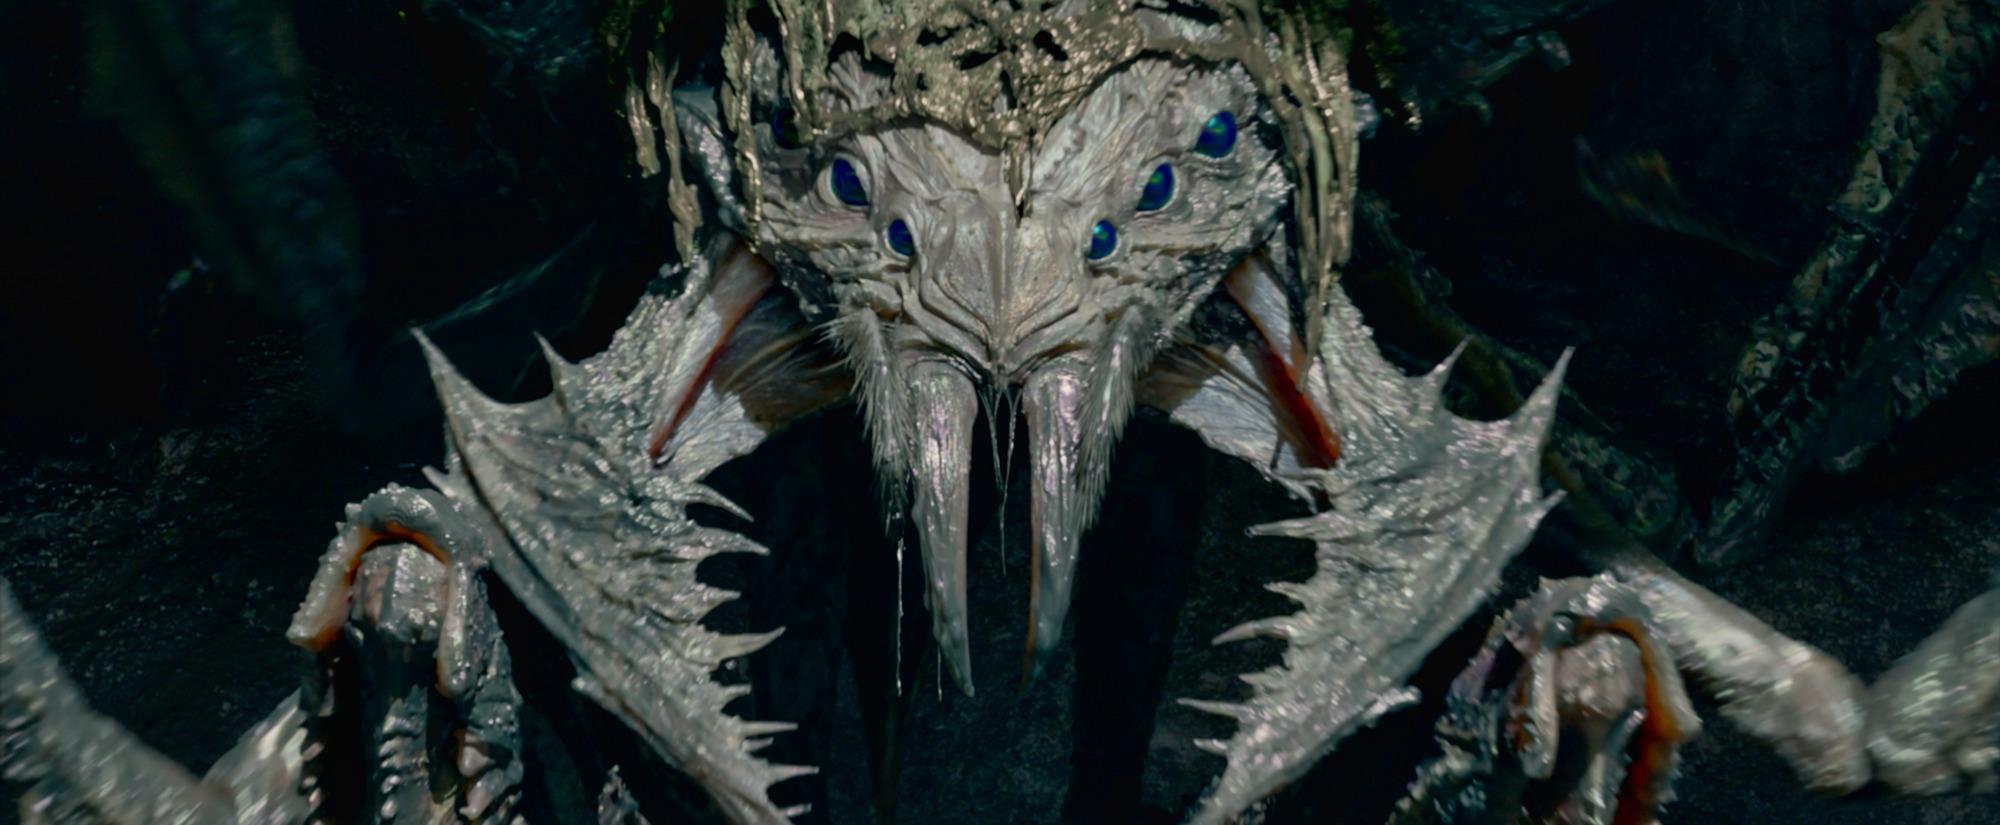 Monster Hunter recensione film di Paul W.S. Anderson con Milla Jovovich